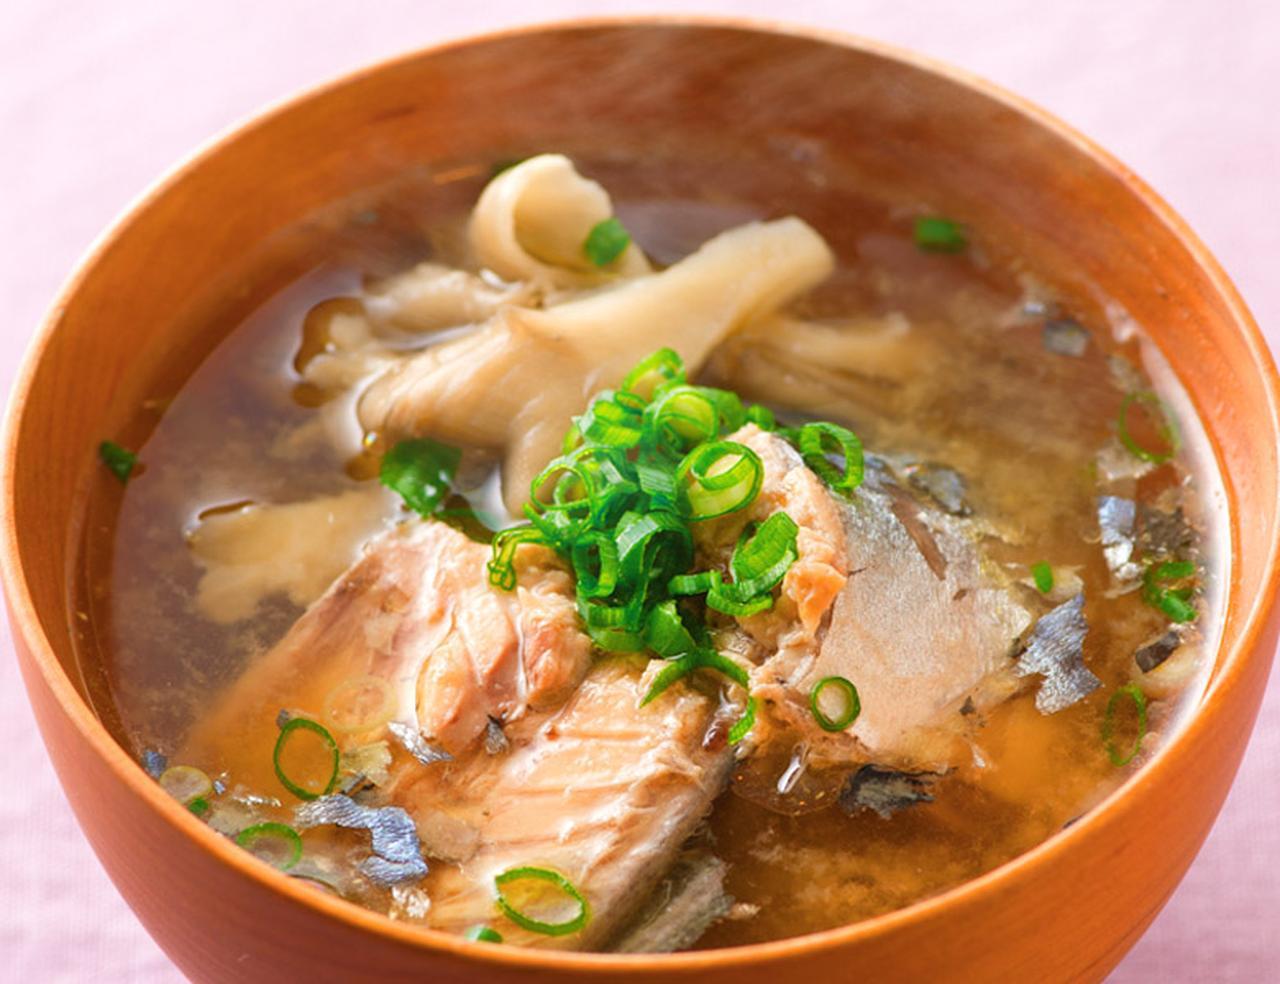 画像1: 大人気の【サバ水煮缶】美味しく続けるための絶品レシピ7選